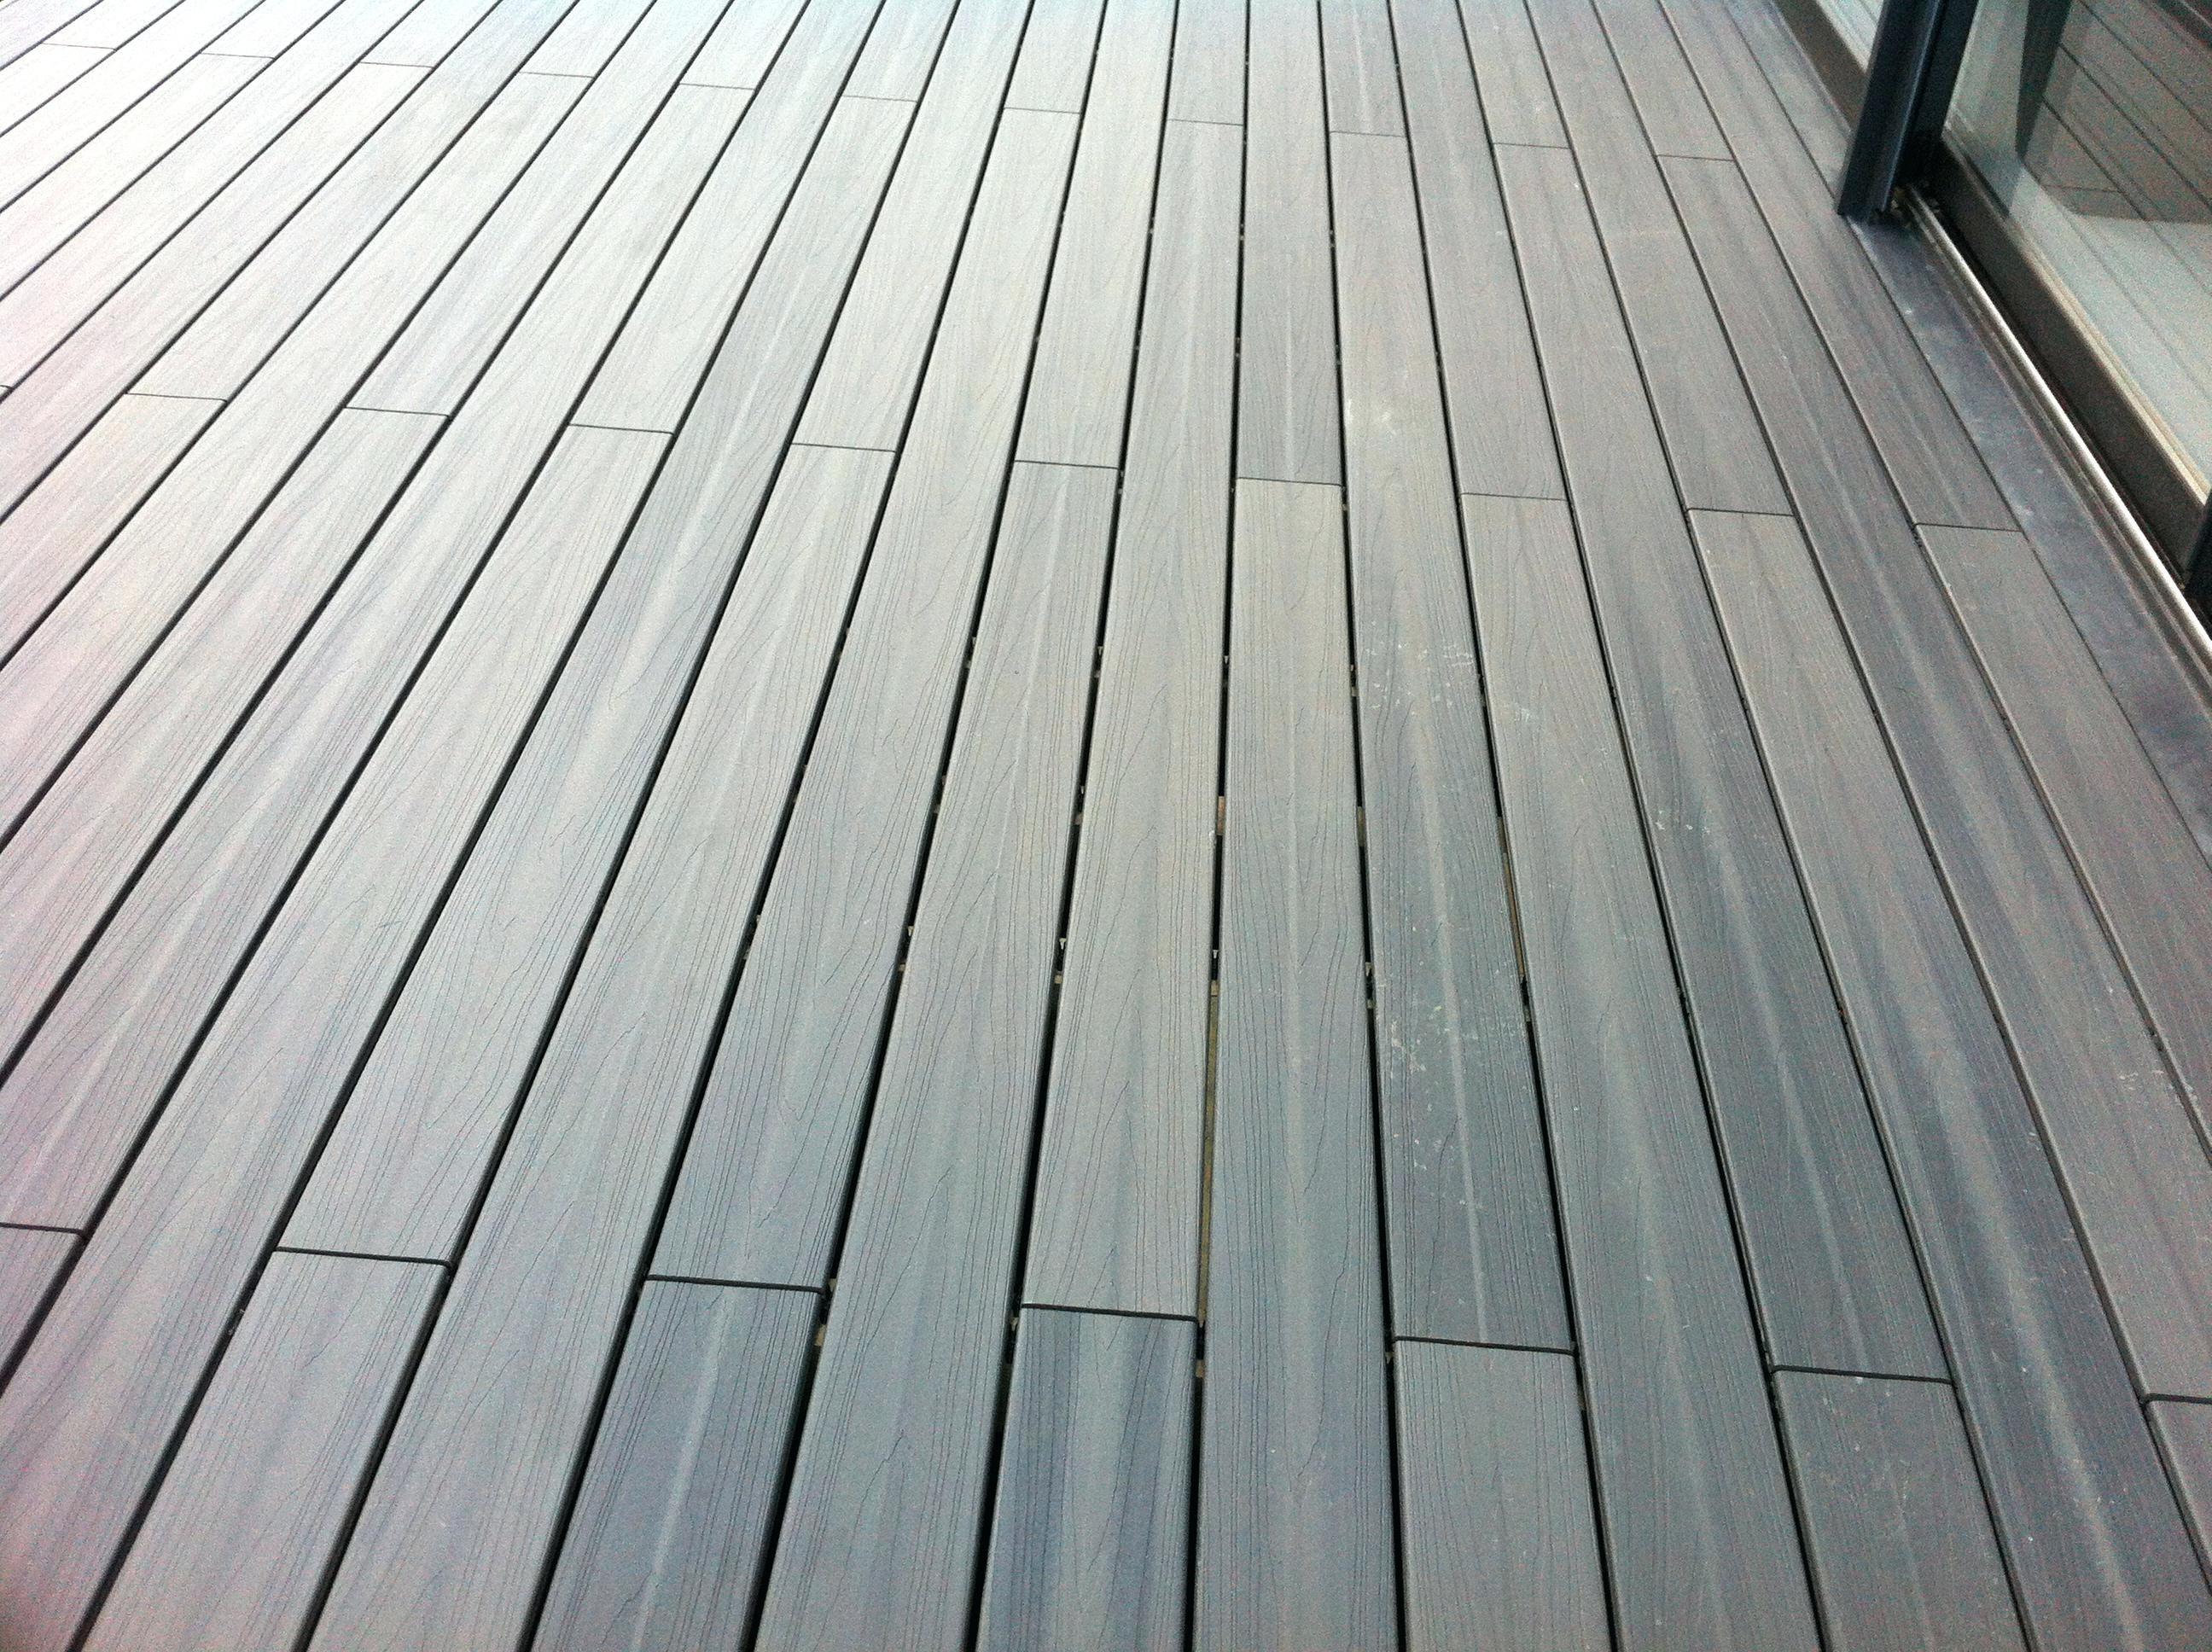 terrasse en bois composite brico depot veranda. Black Bedroom Furniture Sets. Home Design Ideas